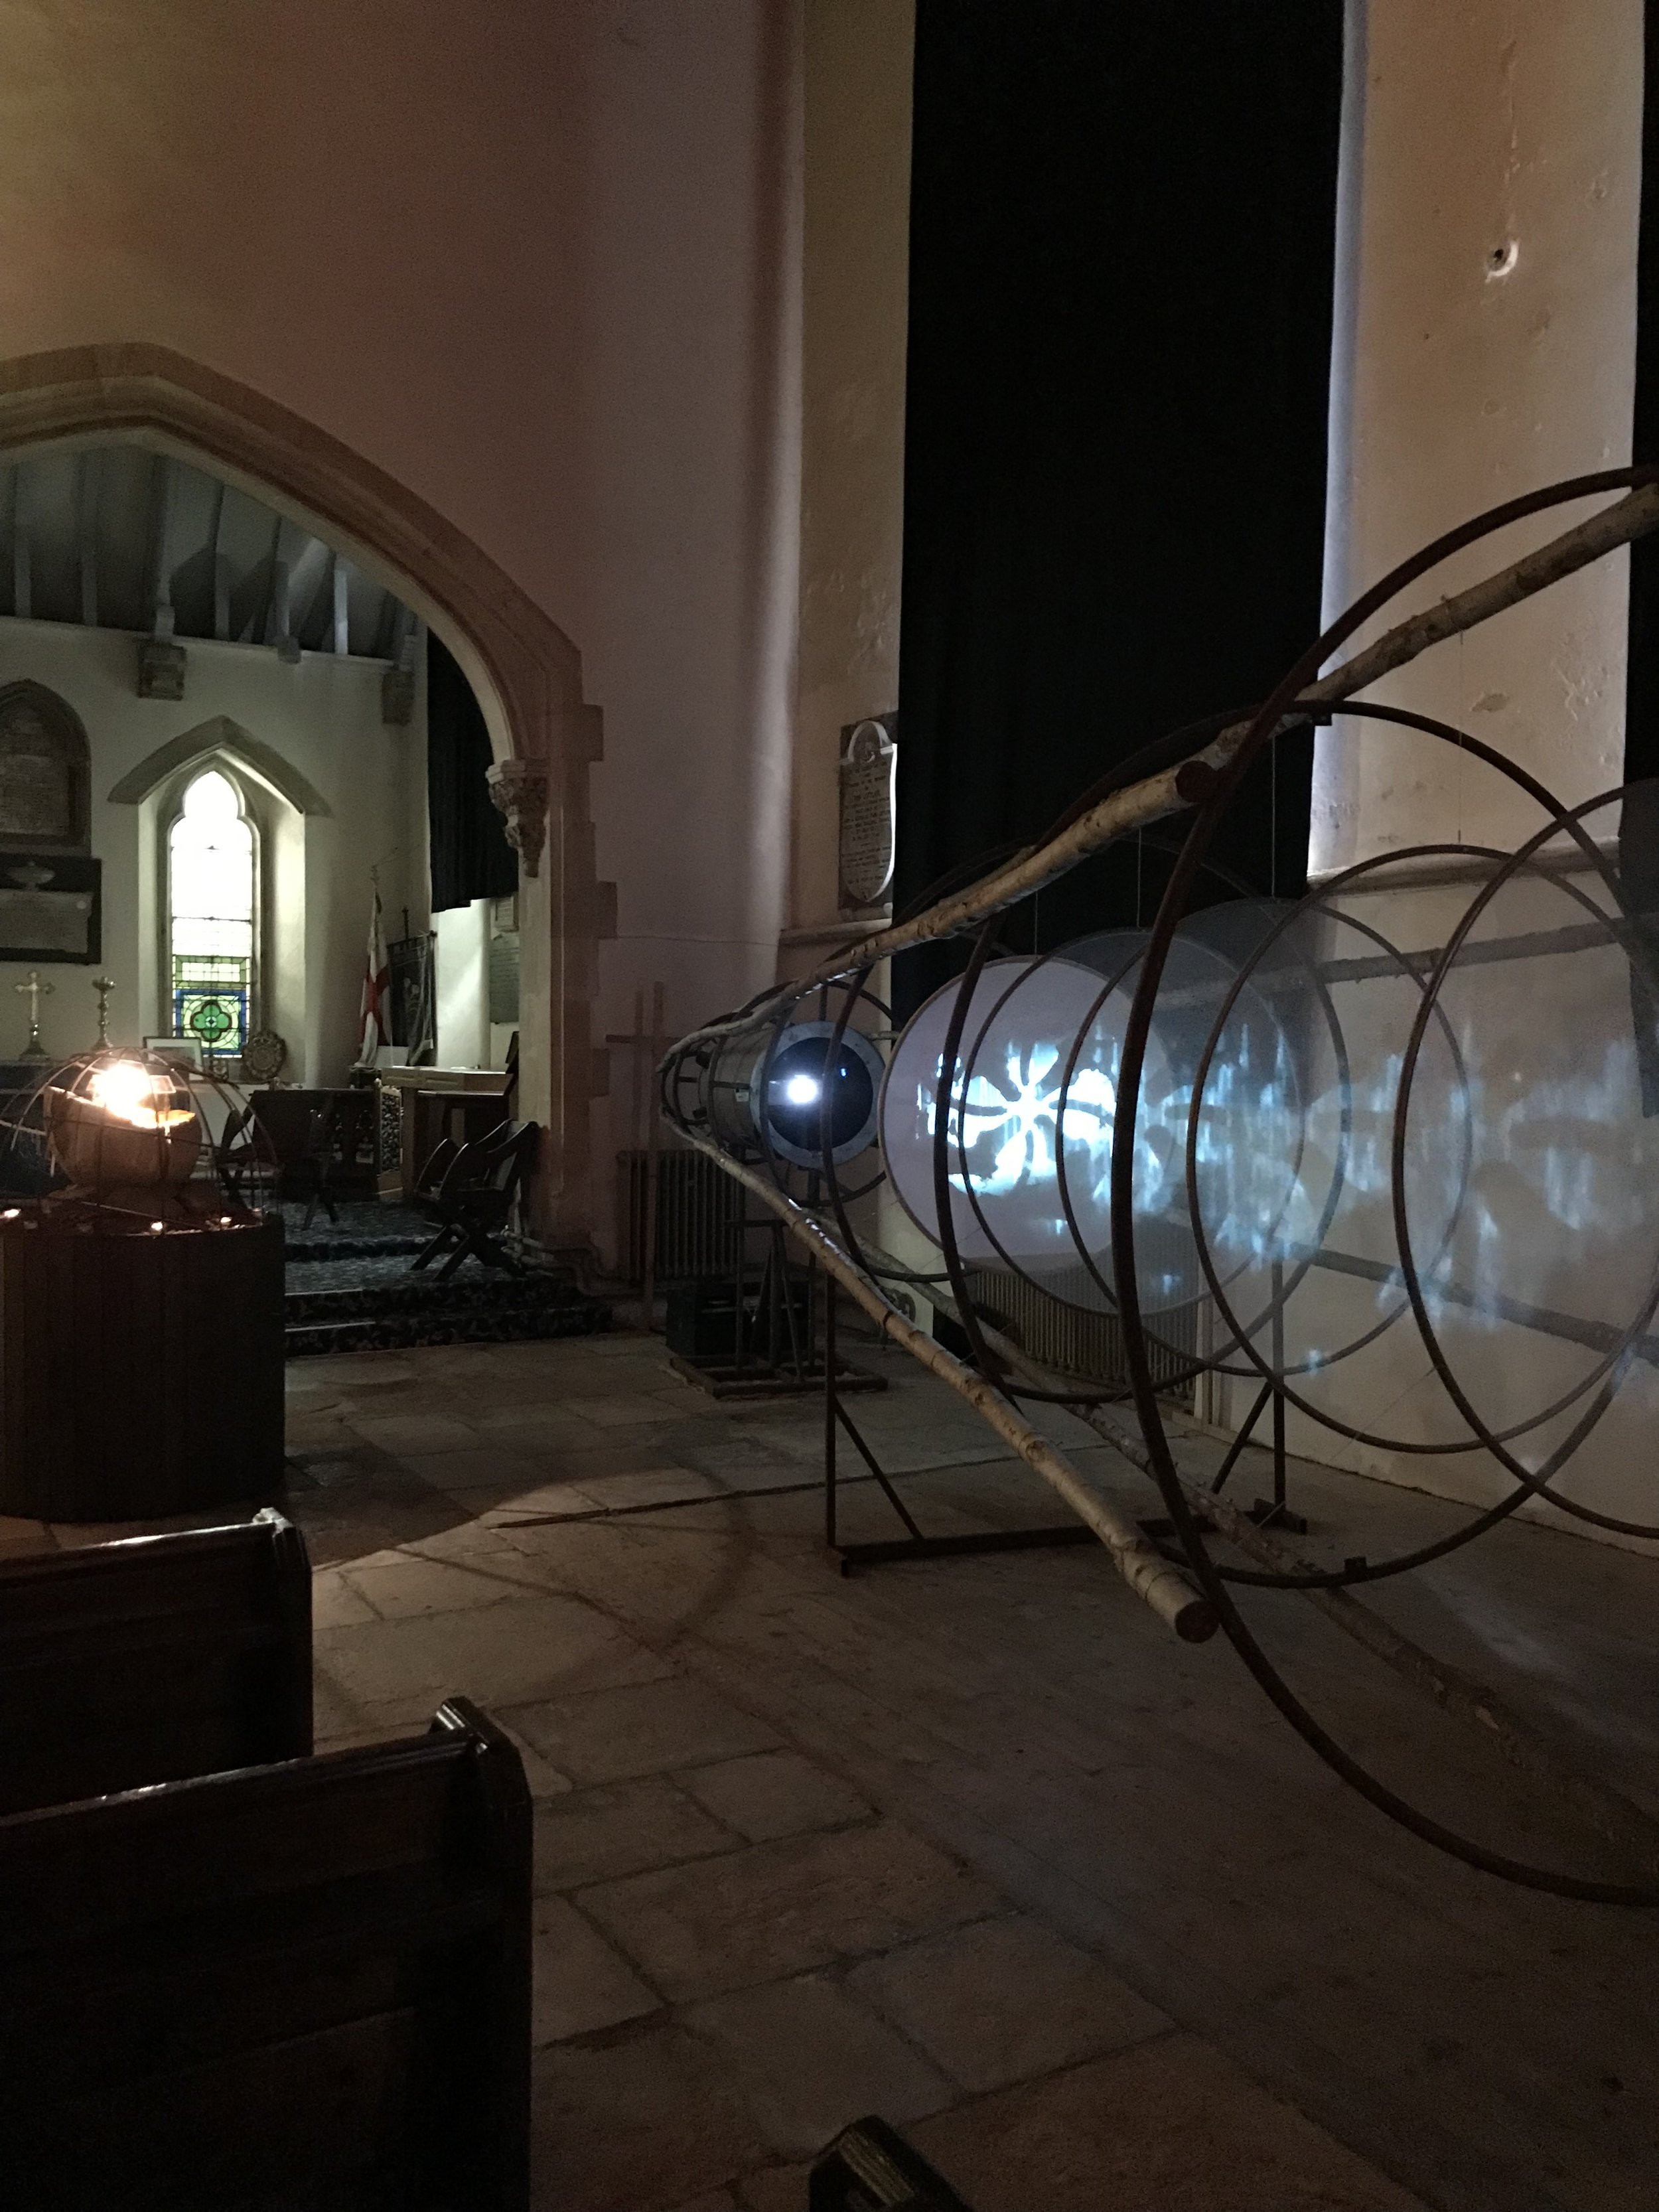 Sean Harris' Installation at All Saints Church